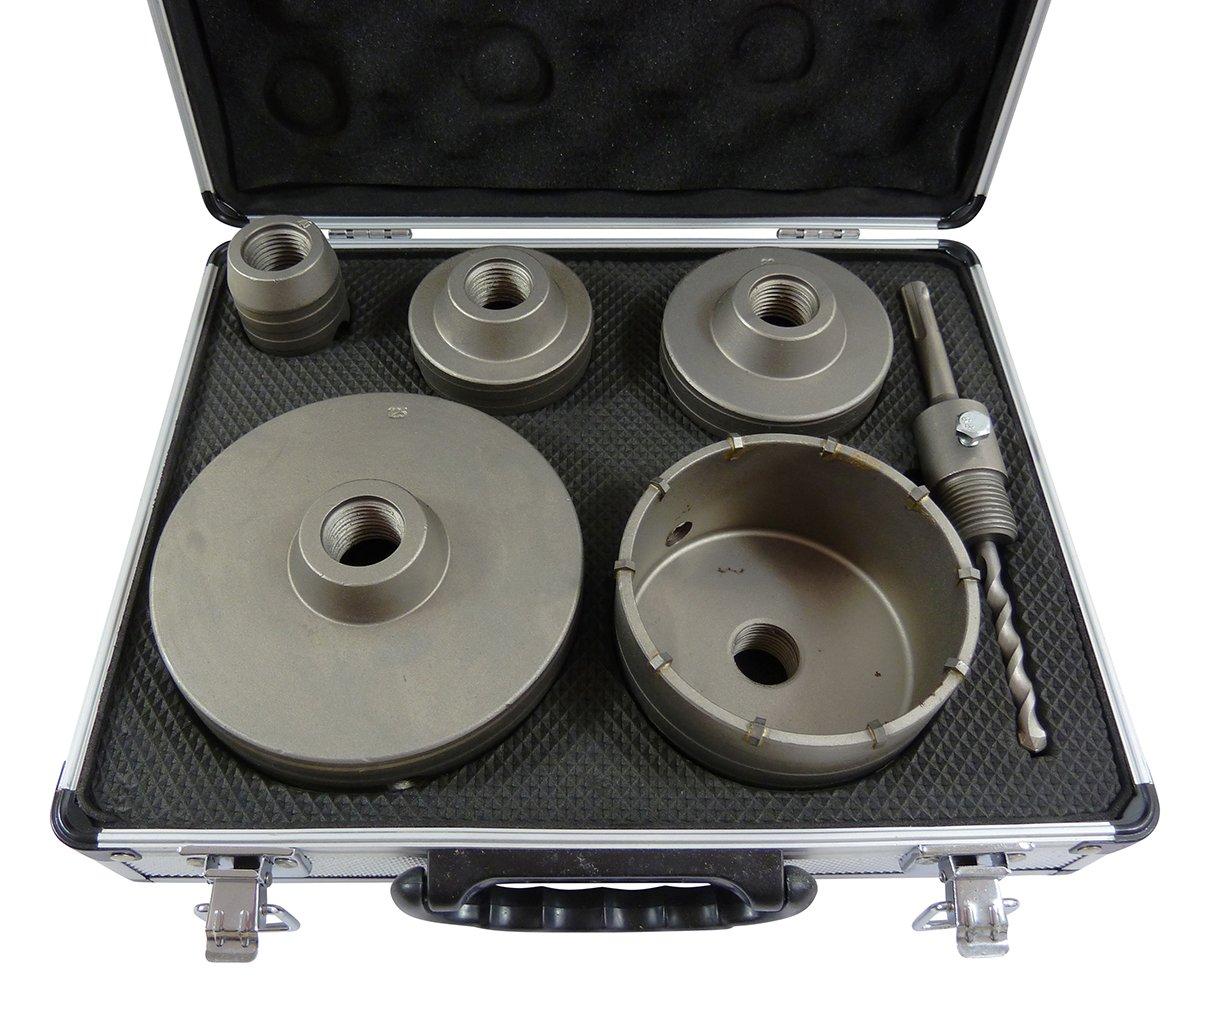 1x-Set-Bohrkrone-Hartmetall-HM-40-65-80-100-125mm-6-teilig-mit-SDS-Plus-Aufnahme-und-Zentrierspitze-im-Koffer-TOP